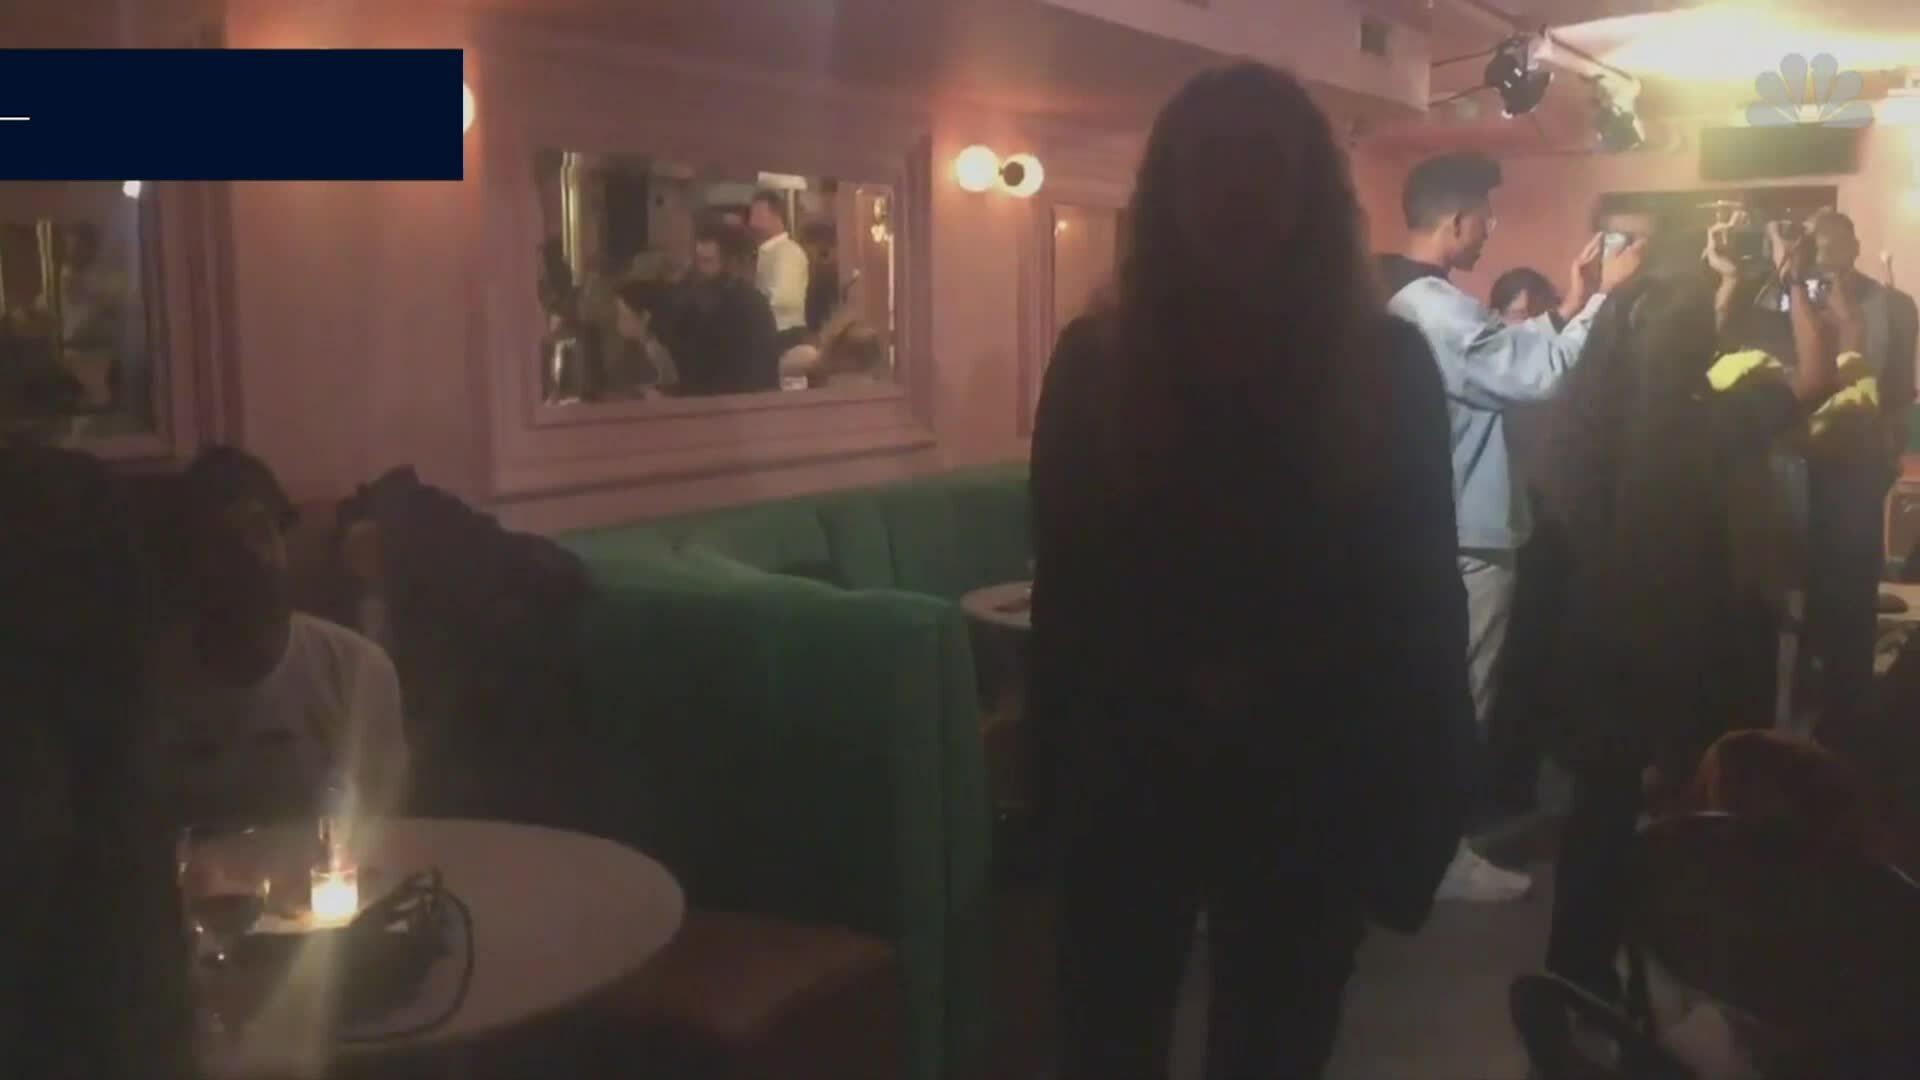 Phụ nữ phản ứng 'ông trùm' quấy rối tình dục ở quán bar